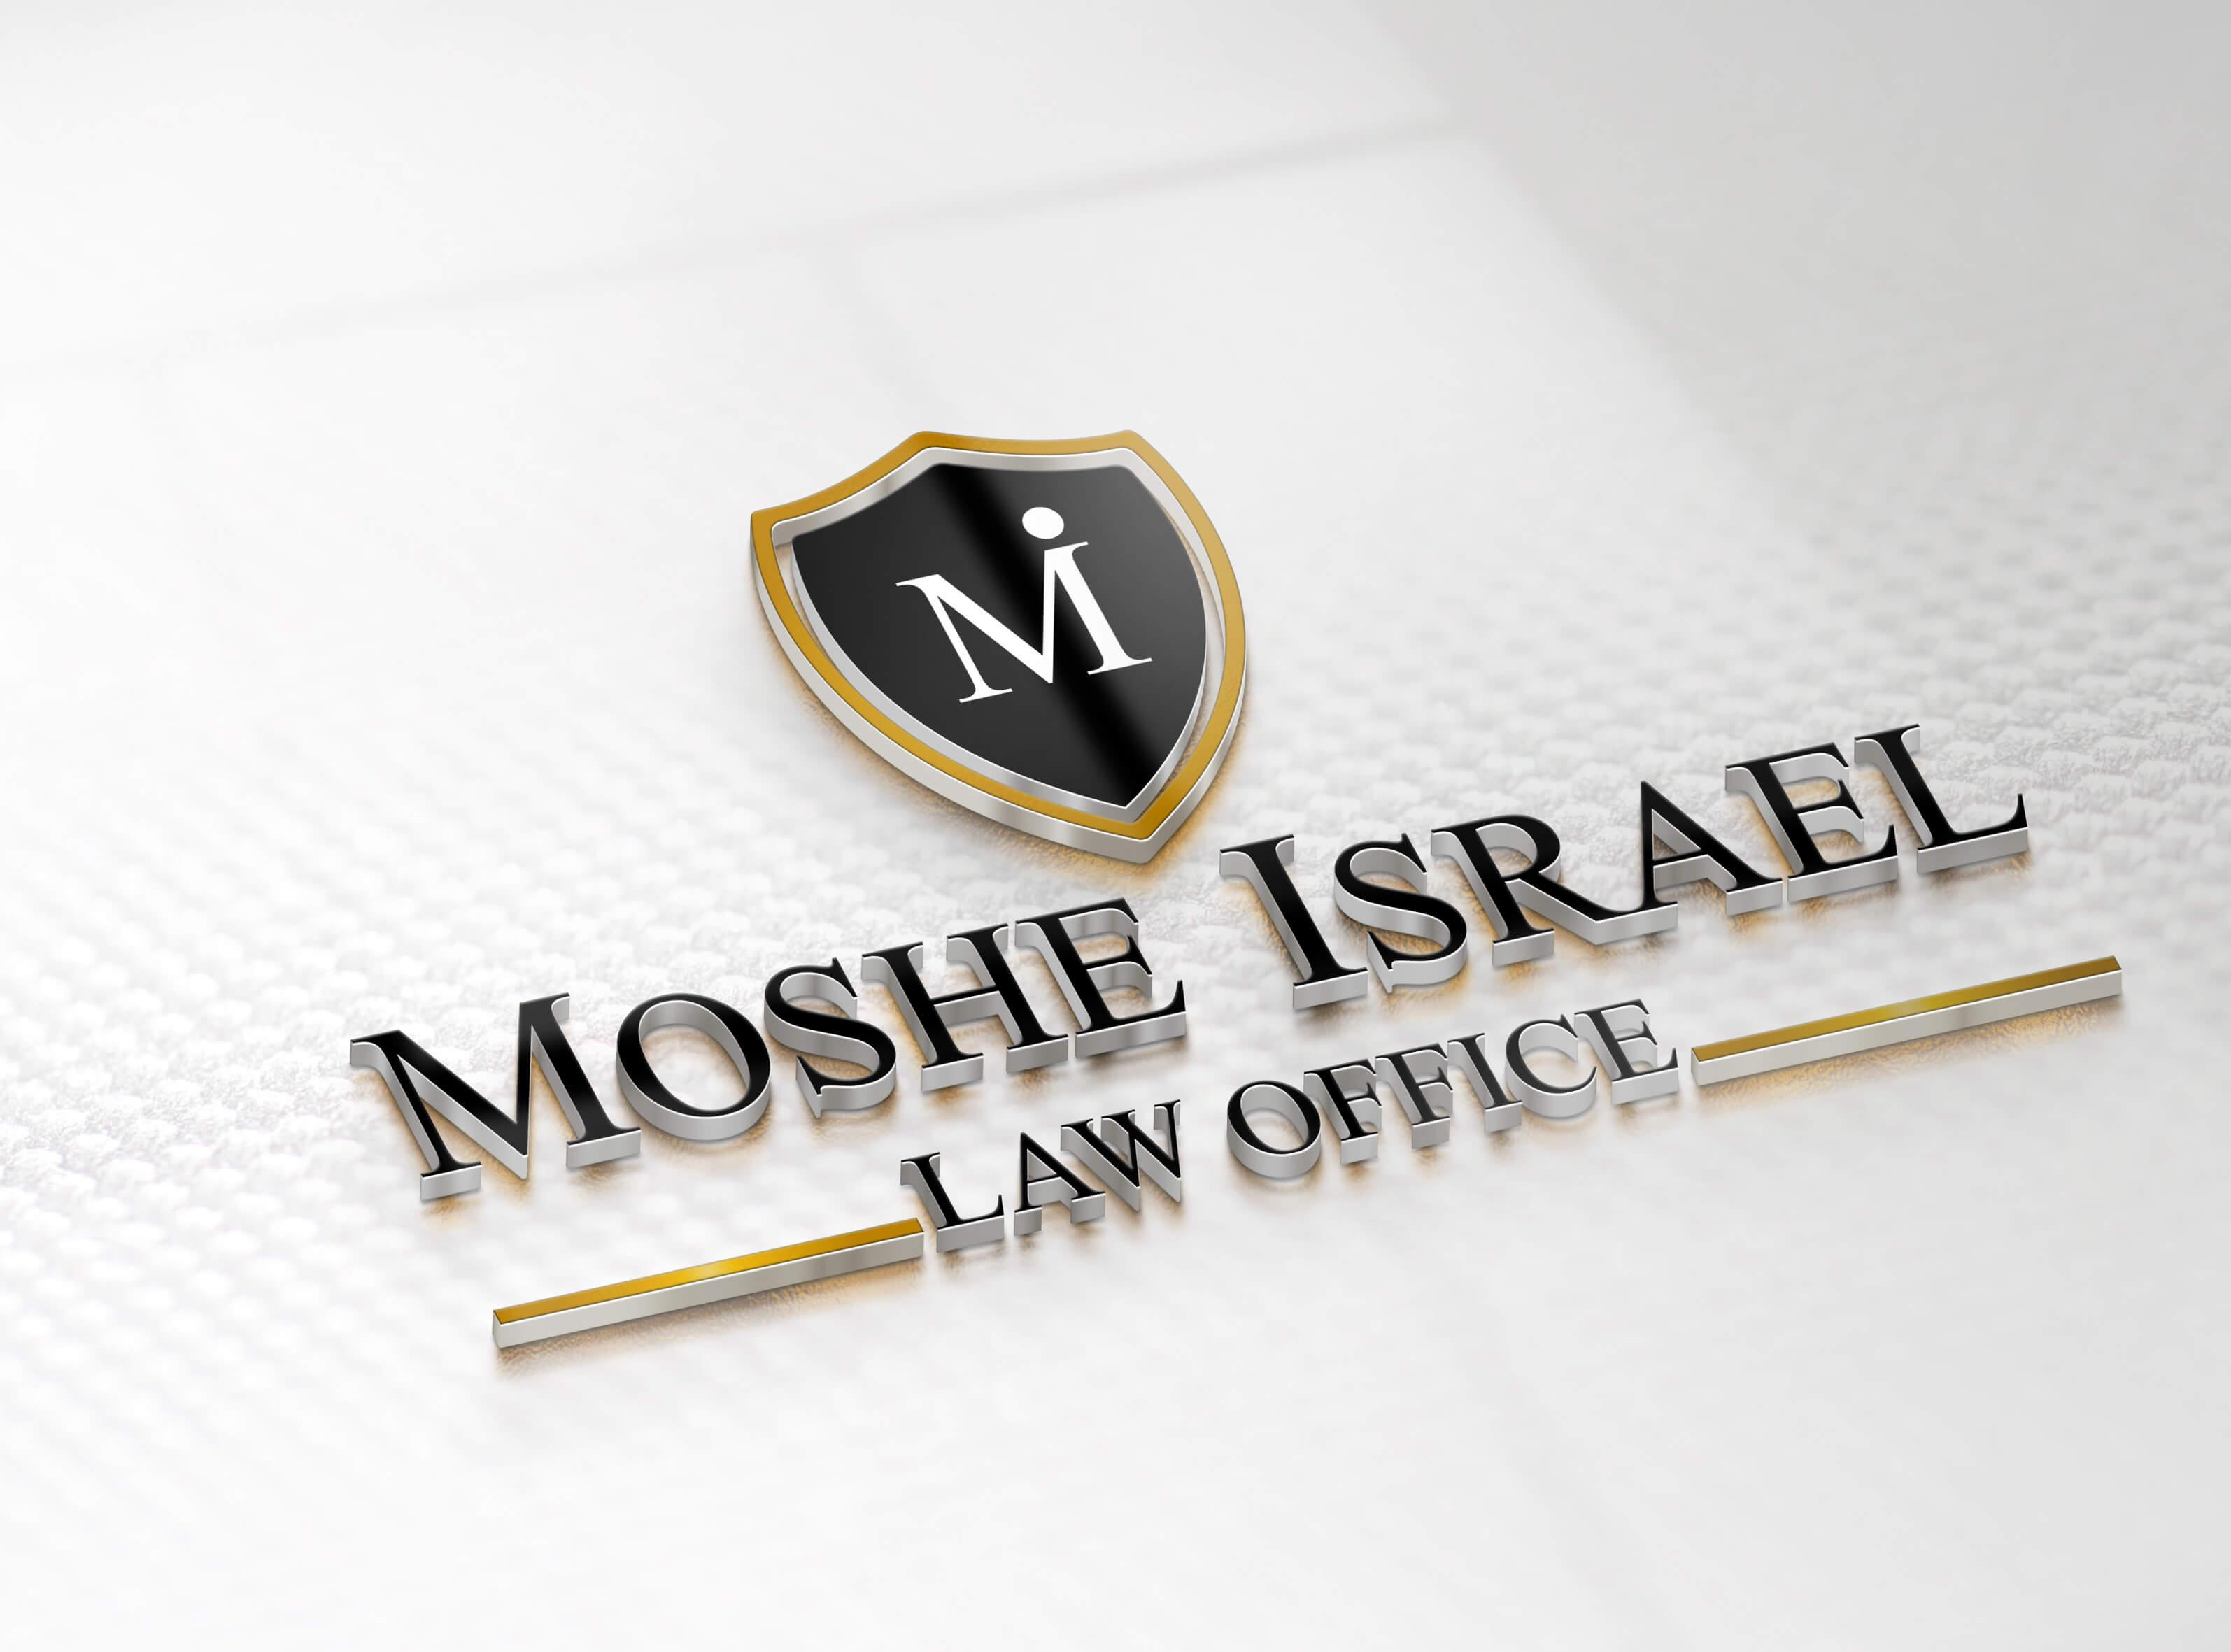 משה ישראל ושות' - משרד עורכי דין